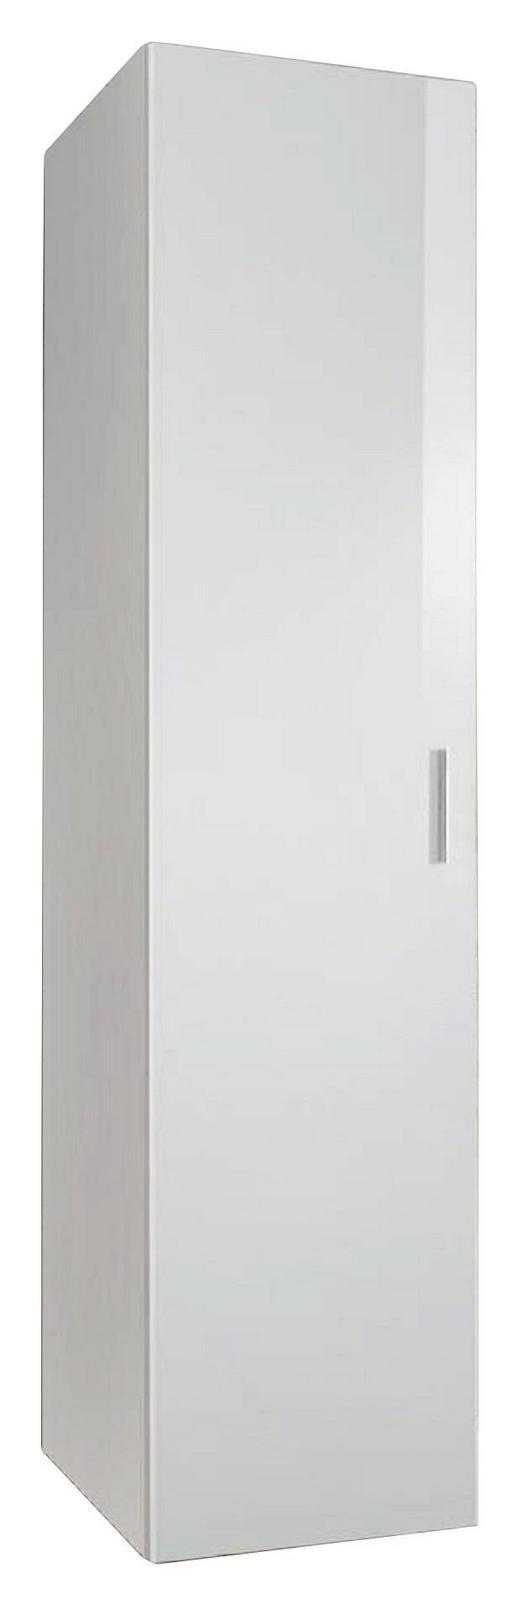 SCHRANK Hochglanz, lackiert Weiß - Chromfarben/Weiß, KONVENTIONELL, Holzwerkstoff/Kunststoff (45/185/54cm) - Xora